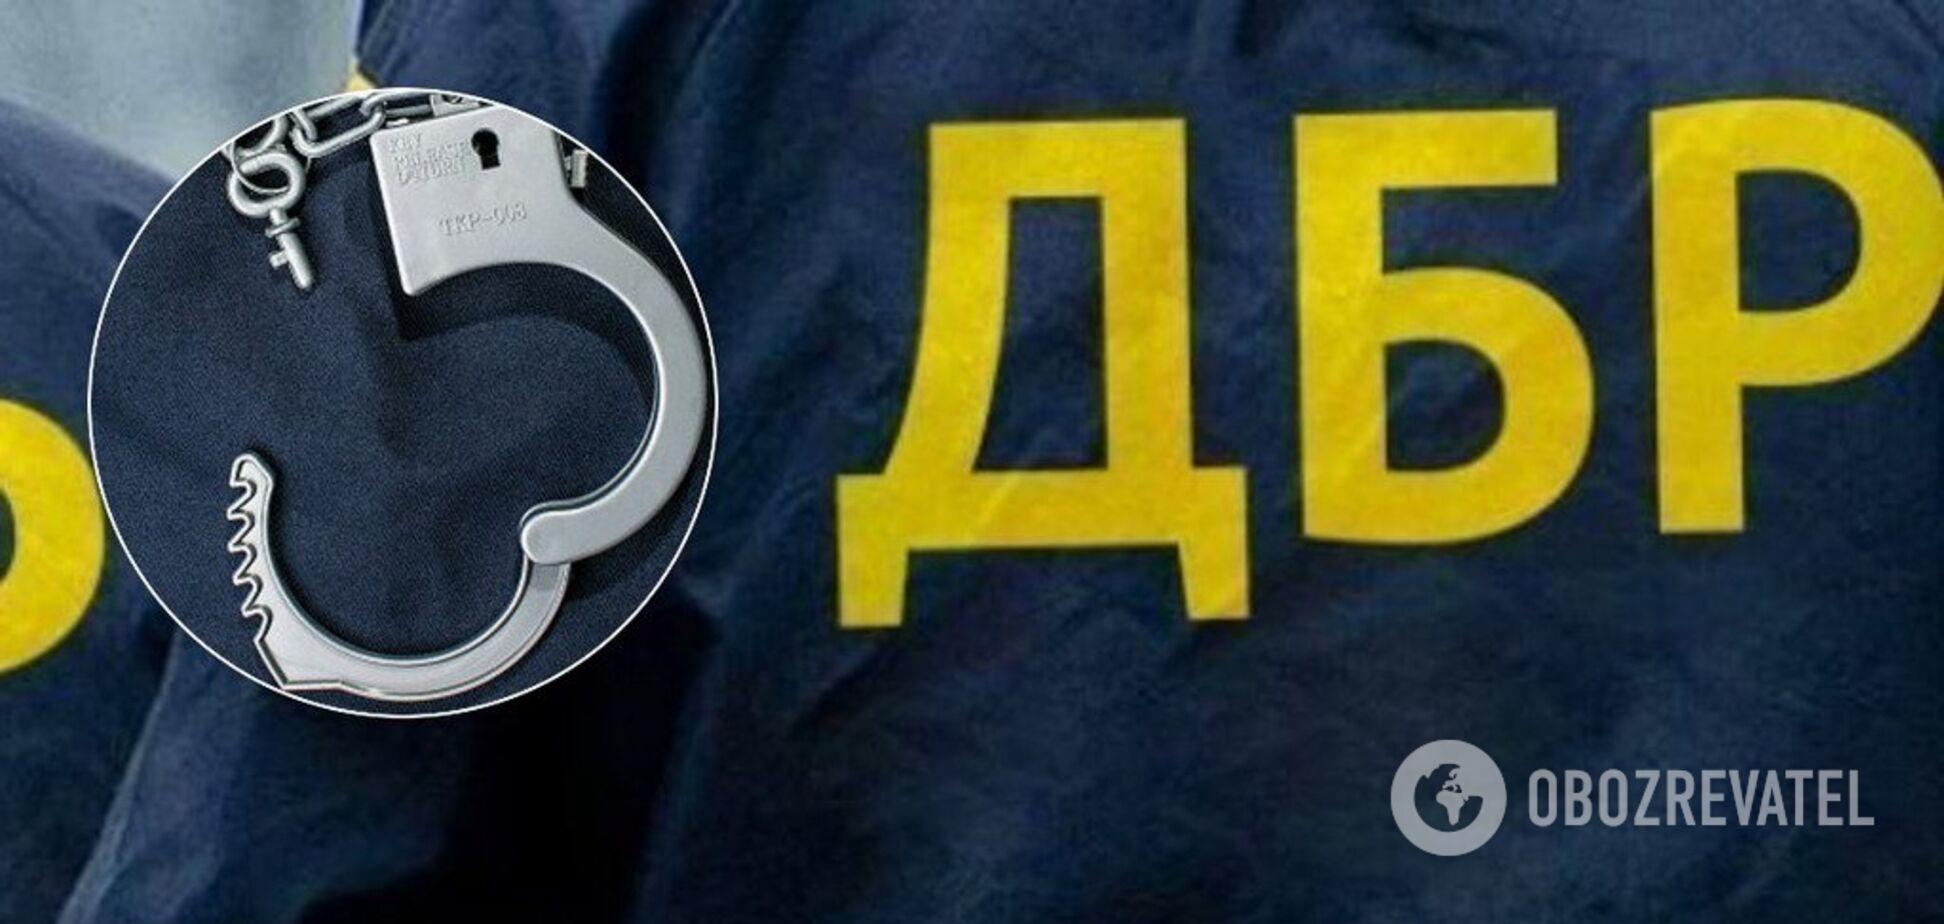 Працював на Росію: у Києві затримали поліцейського-зрадника. Фото